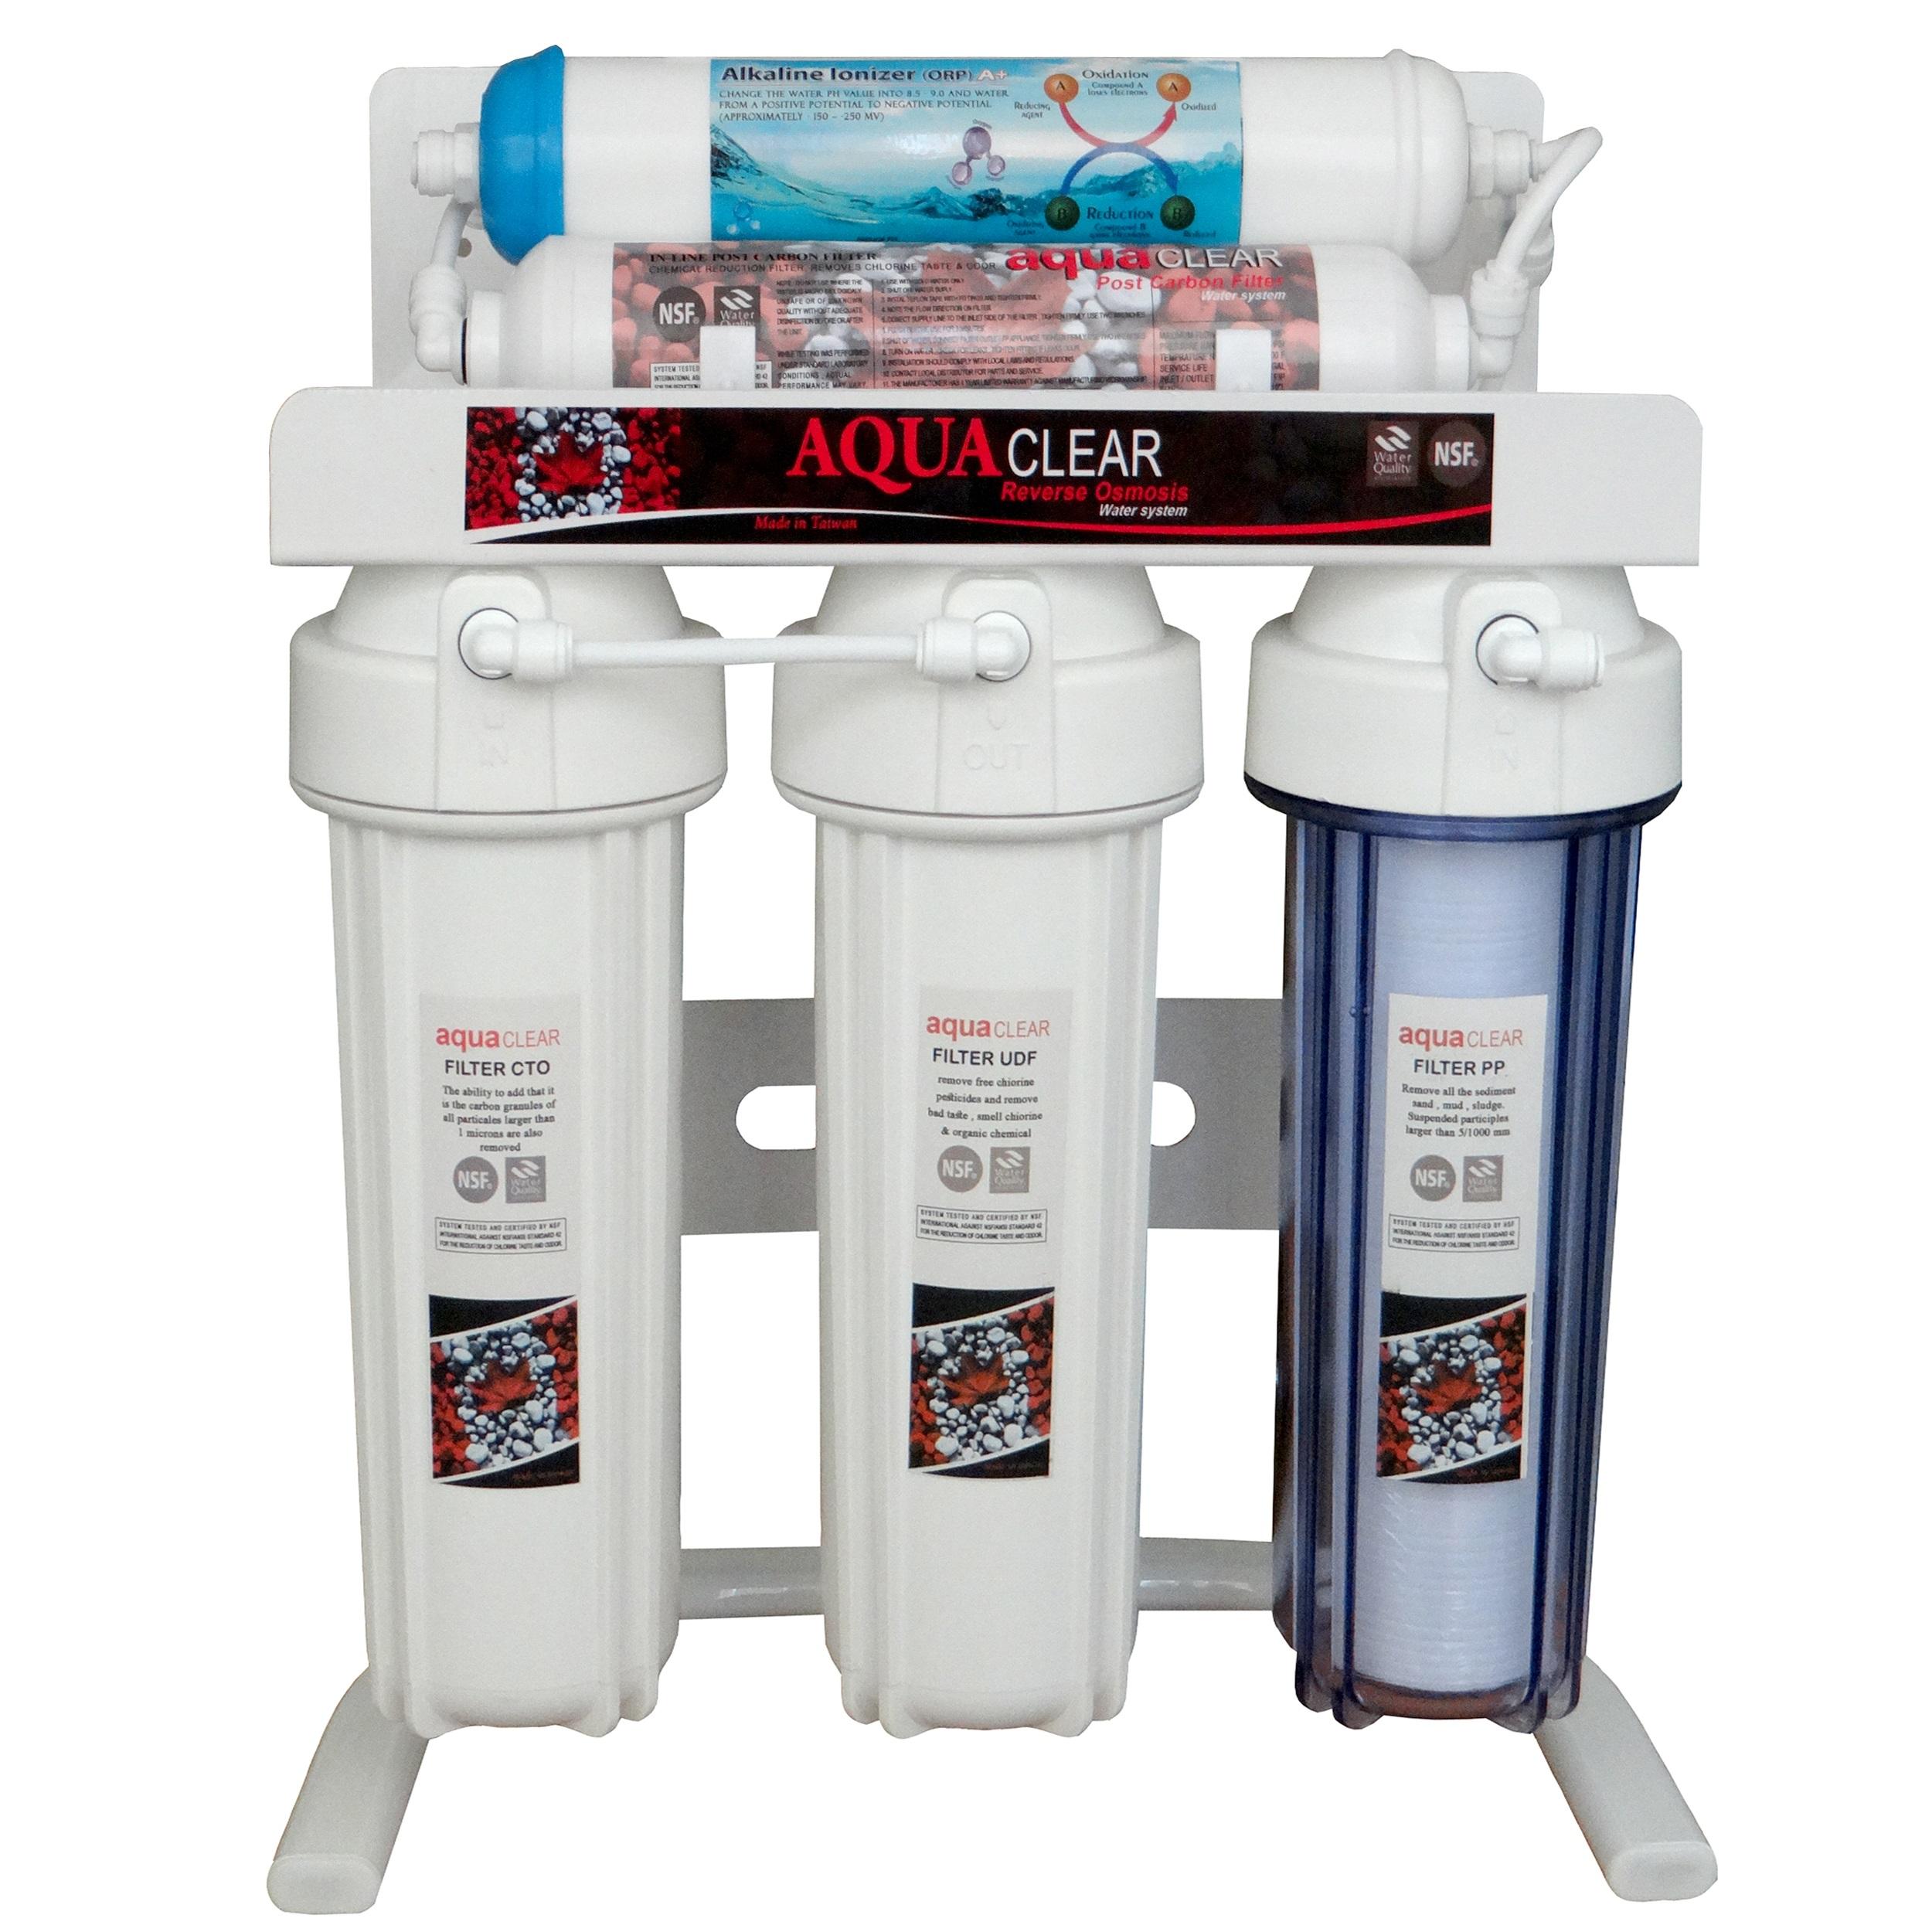 دستگاه تصفیه کننده آب آکوآ کلر مدل AQ-UF900